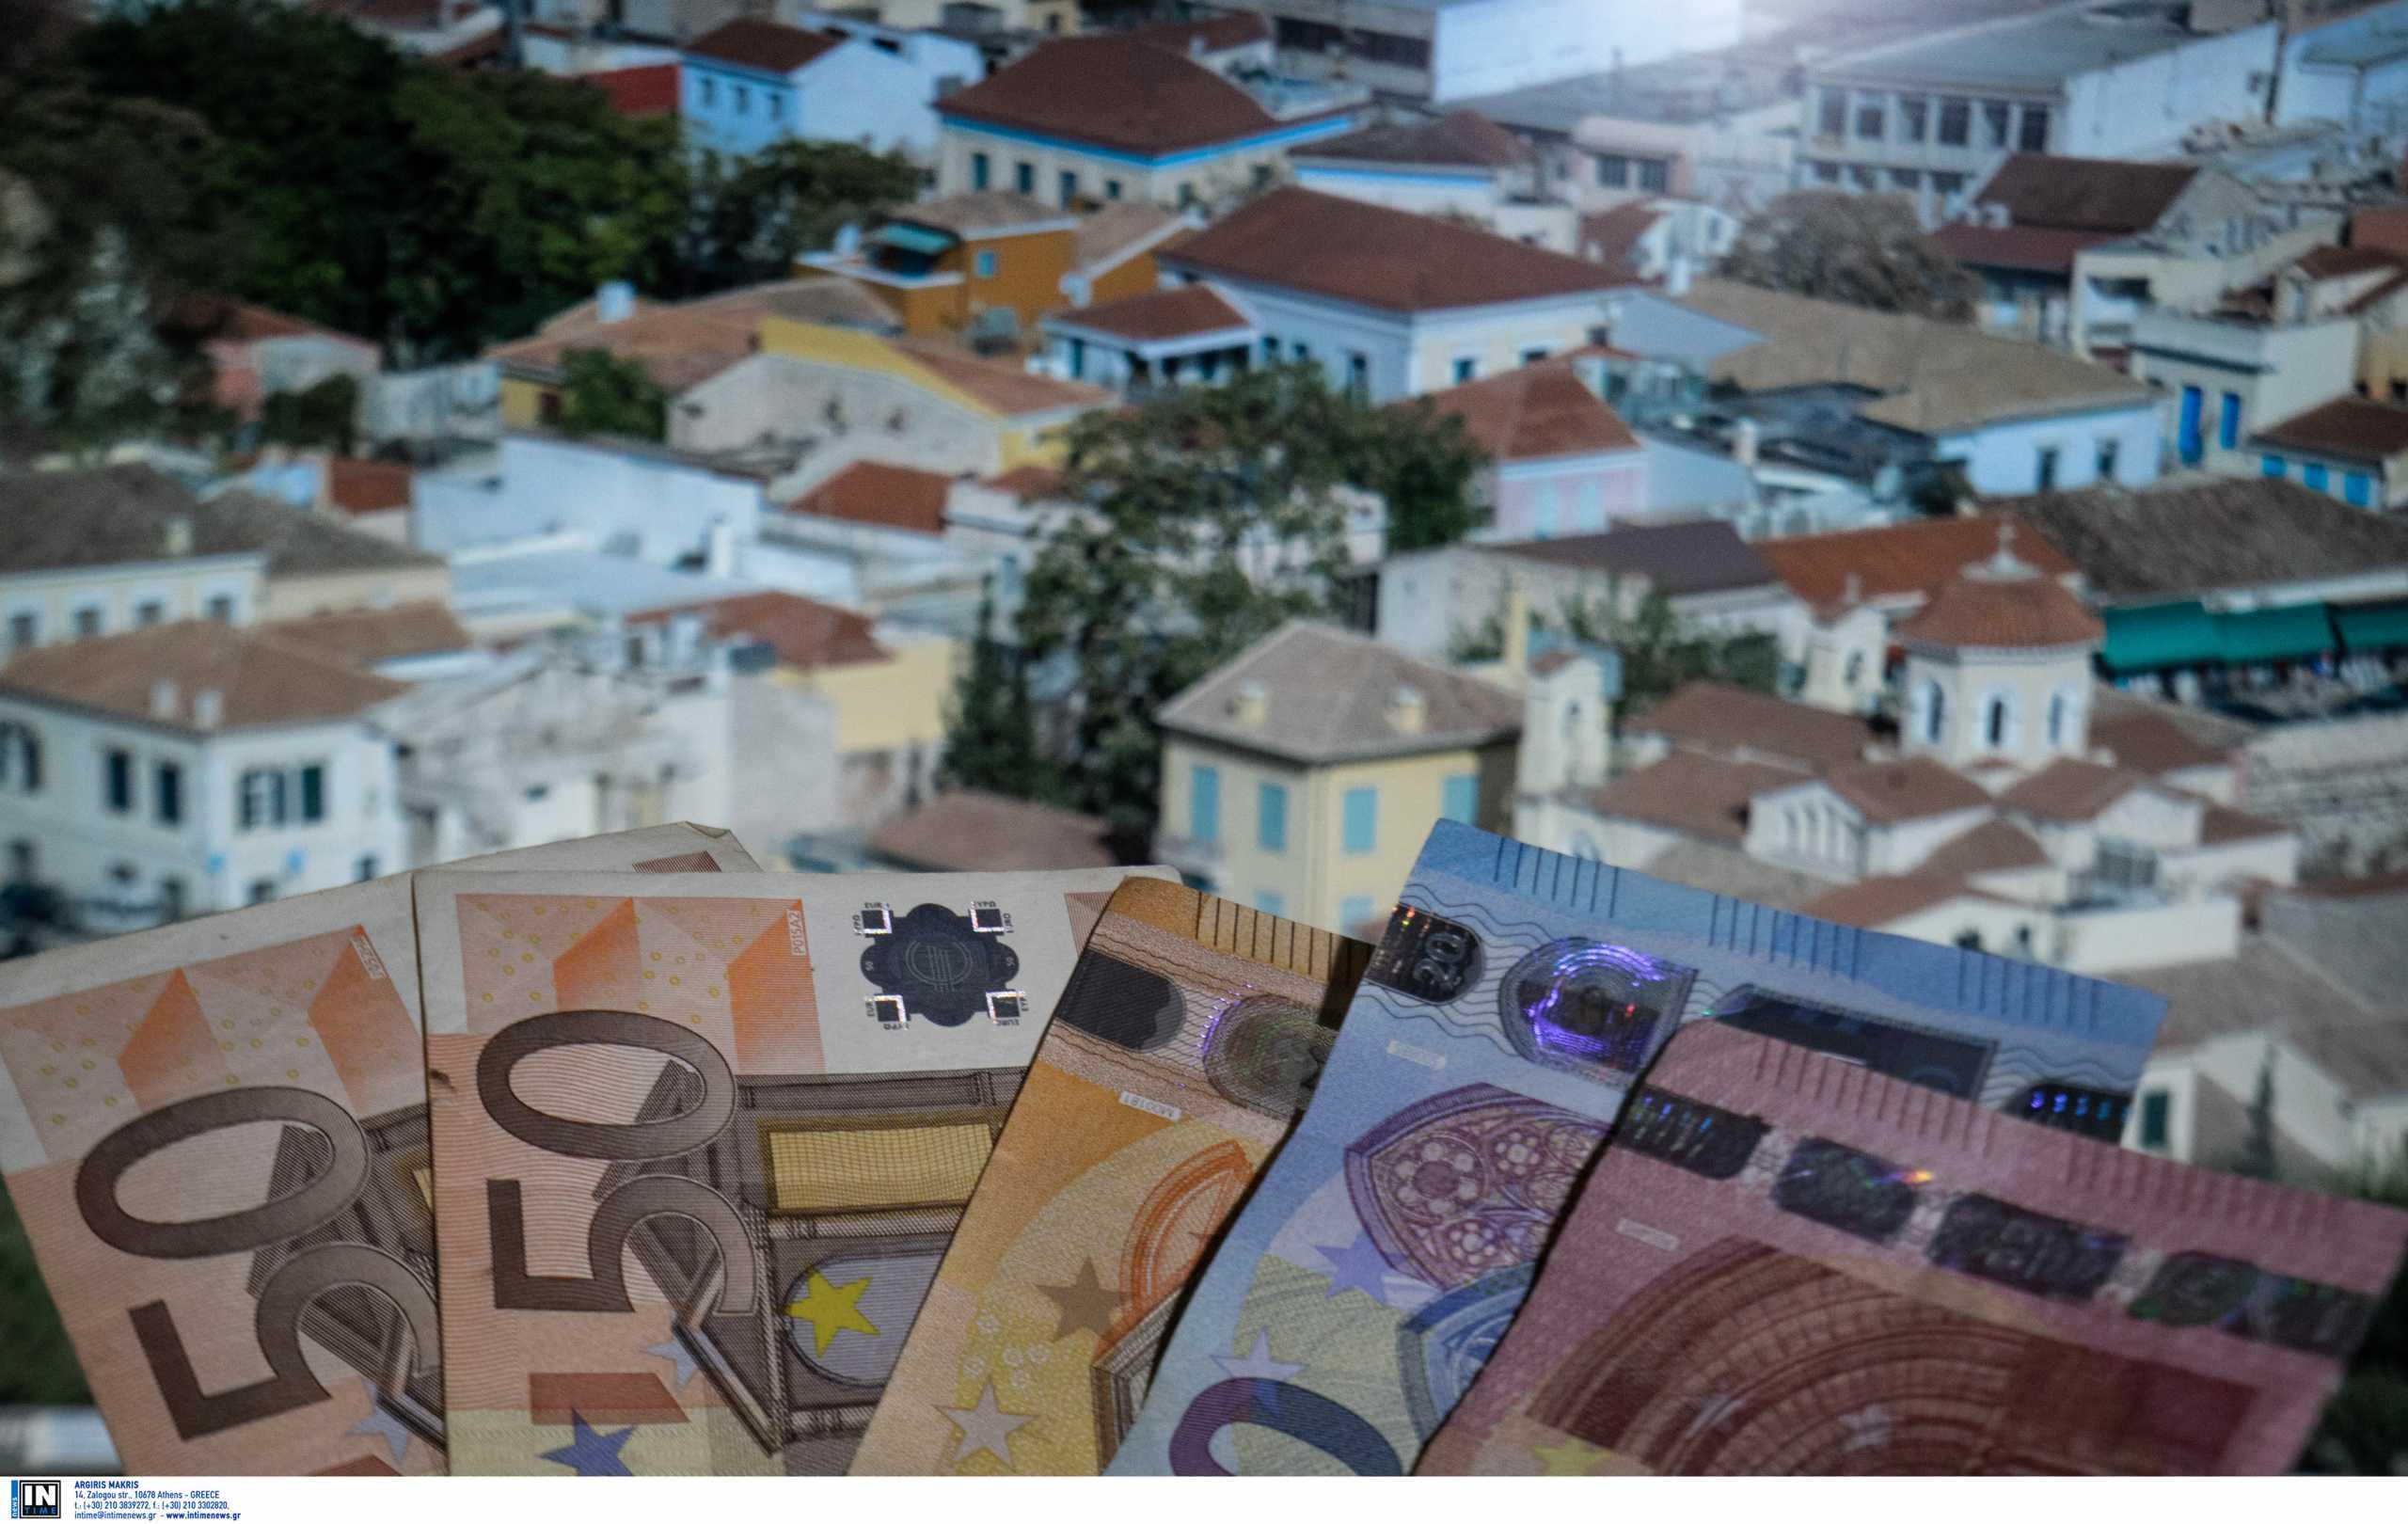 Αποζημιώσεις ενοικίων: Ξεκινούν οι πληρωμές για τον Ιανουάριο – Τι θα γίνει με όσους έμειναν εκτός λίστας (vid)